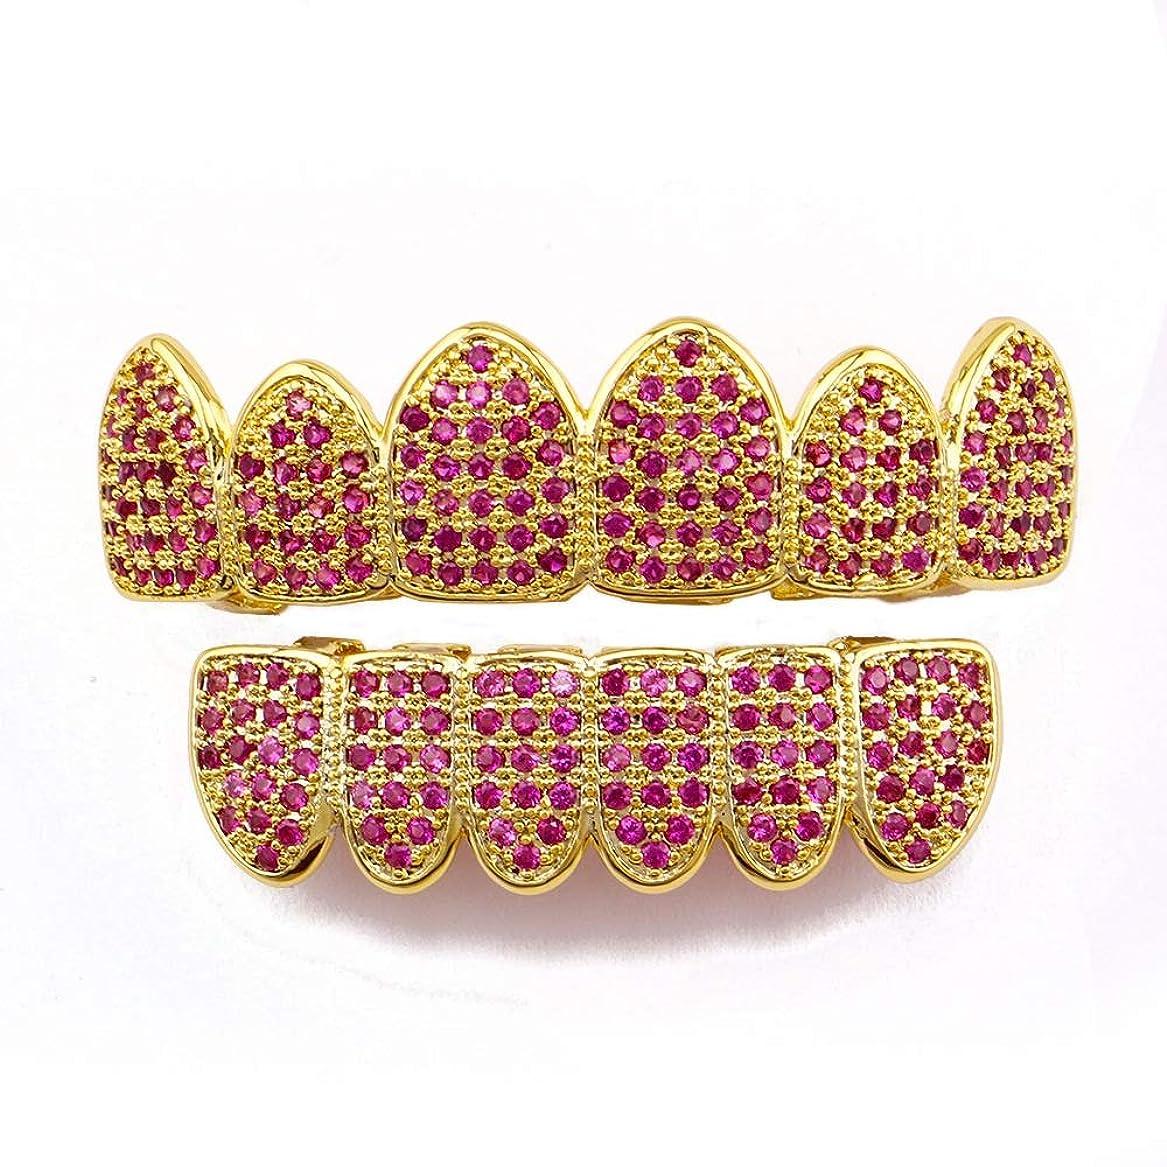 感じる偏心三角ゴールドメッキのピンクのラインストーンゴールドグリルは女性のために設定